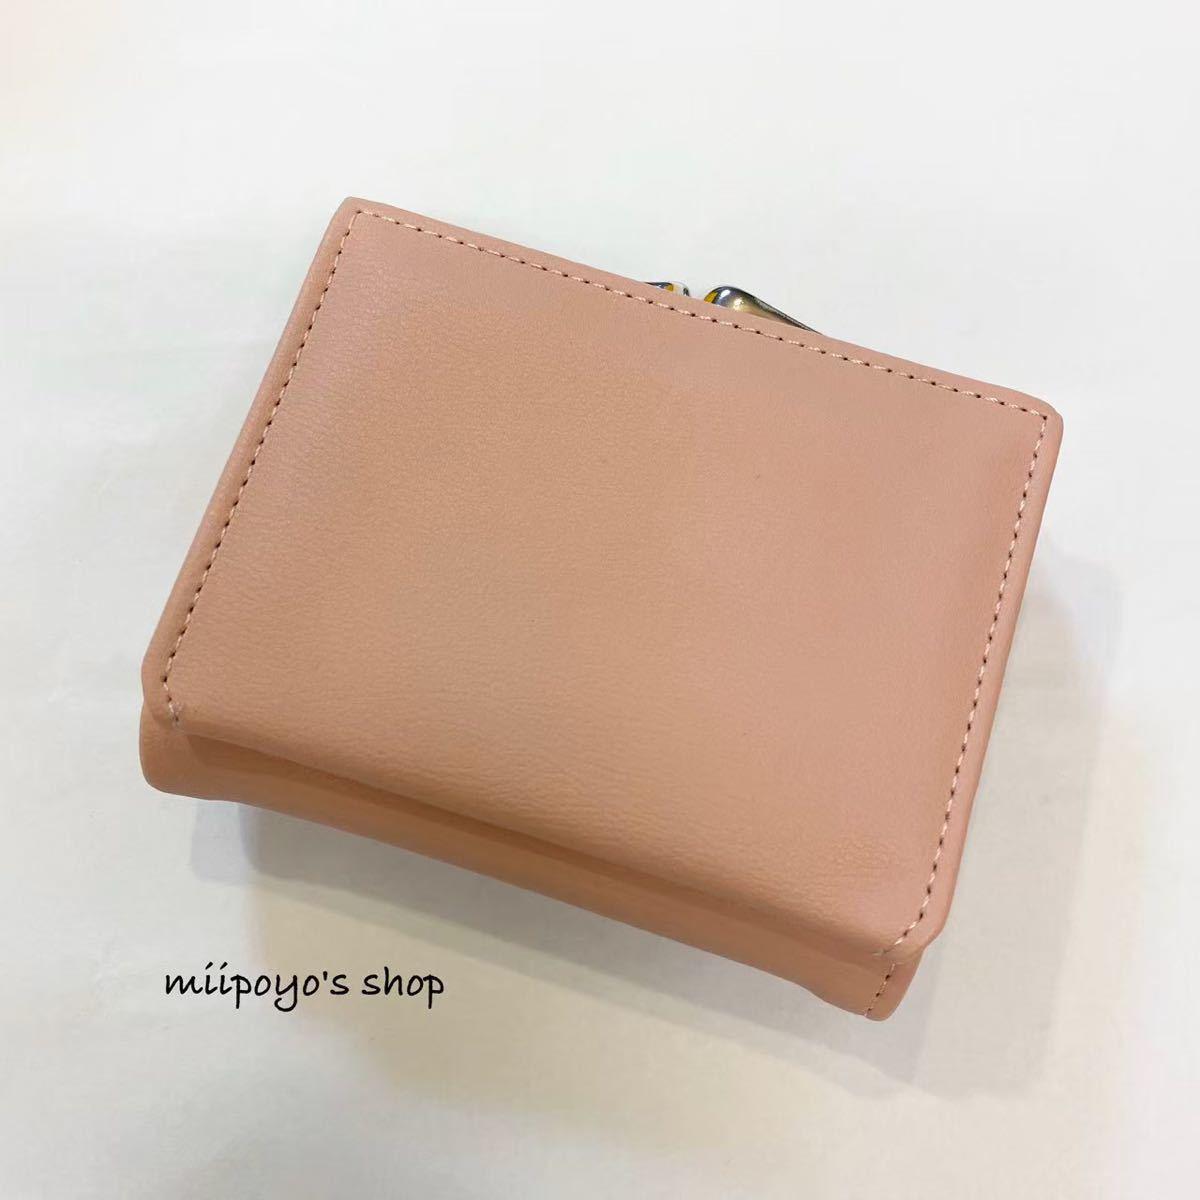 コインケース ピンク ウォレット 財布 小銭入れ ミニ 3つ折り コンパクト